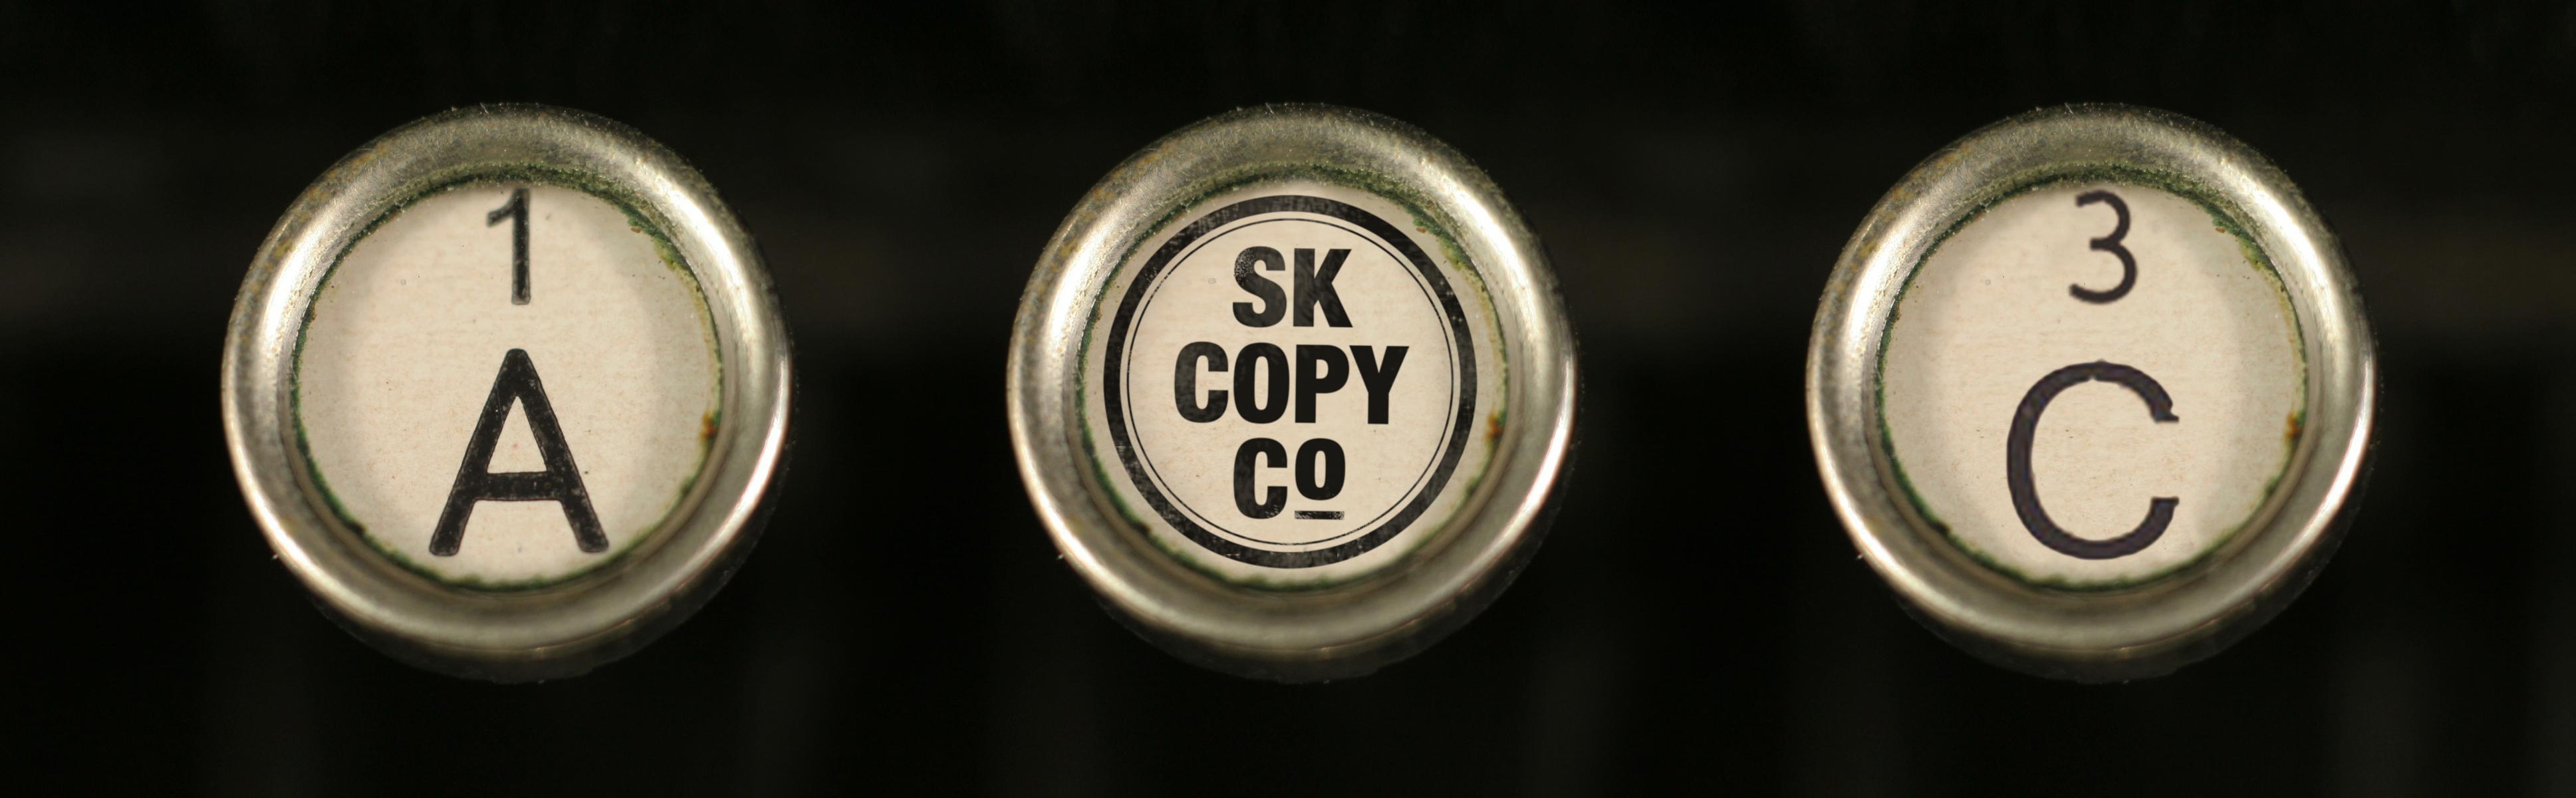 SK-Copy-Co_v2